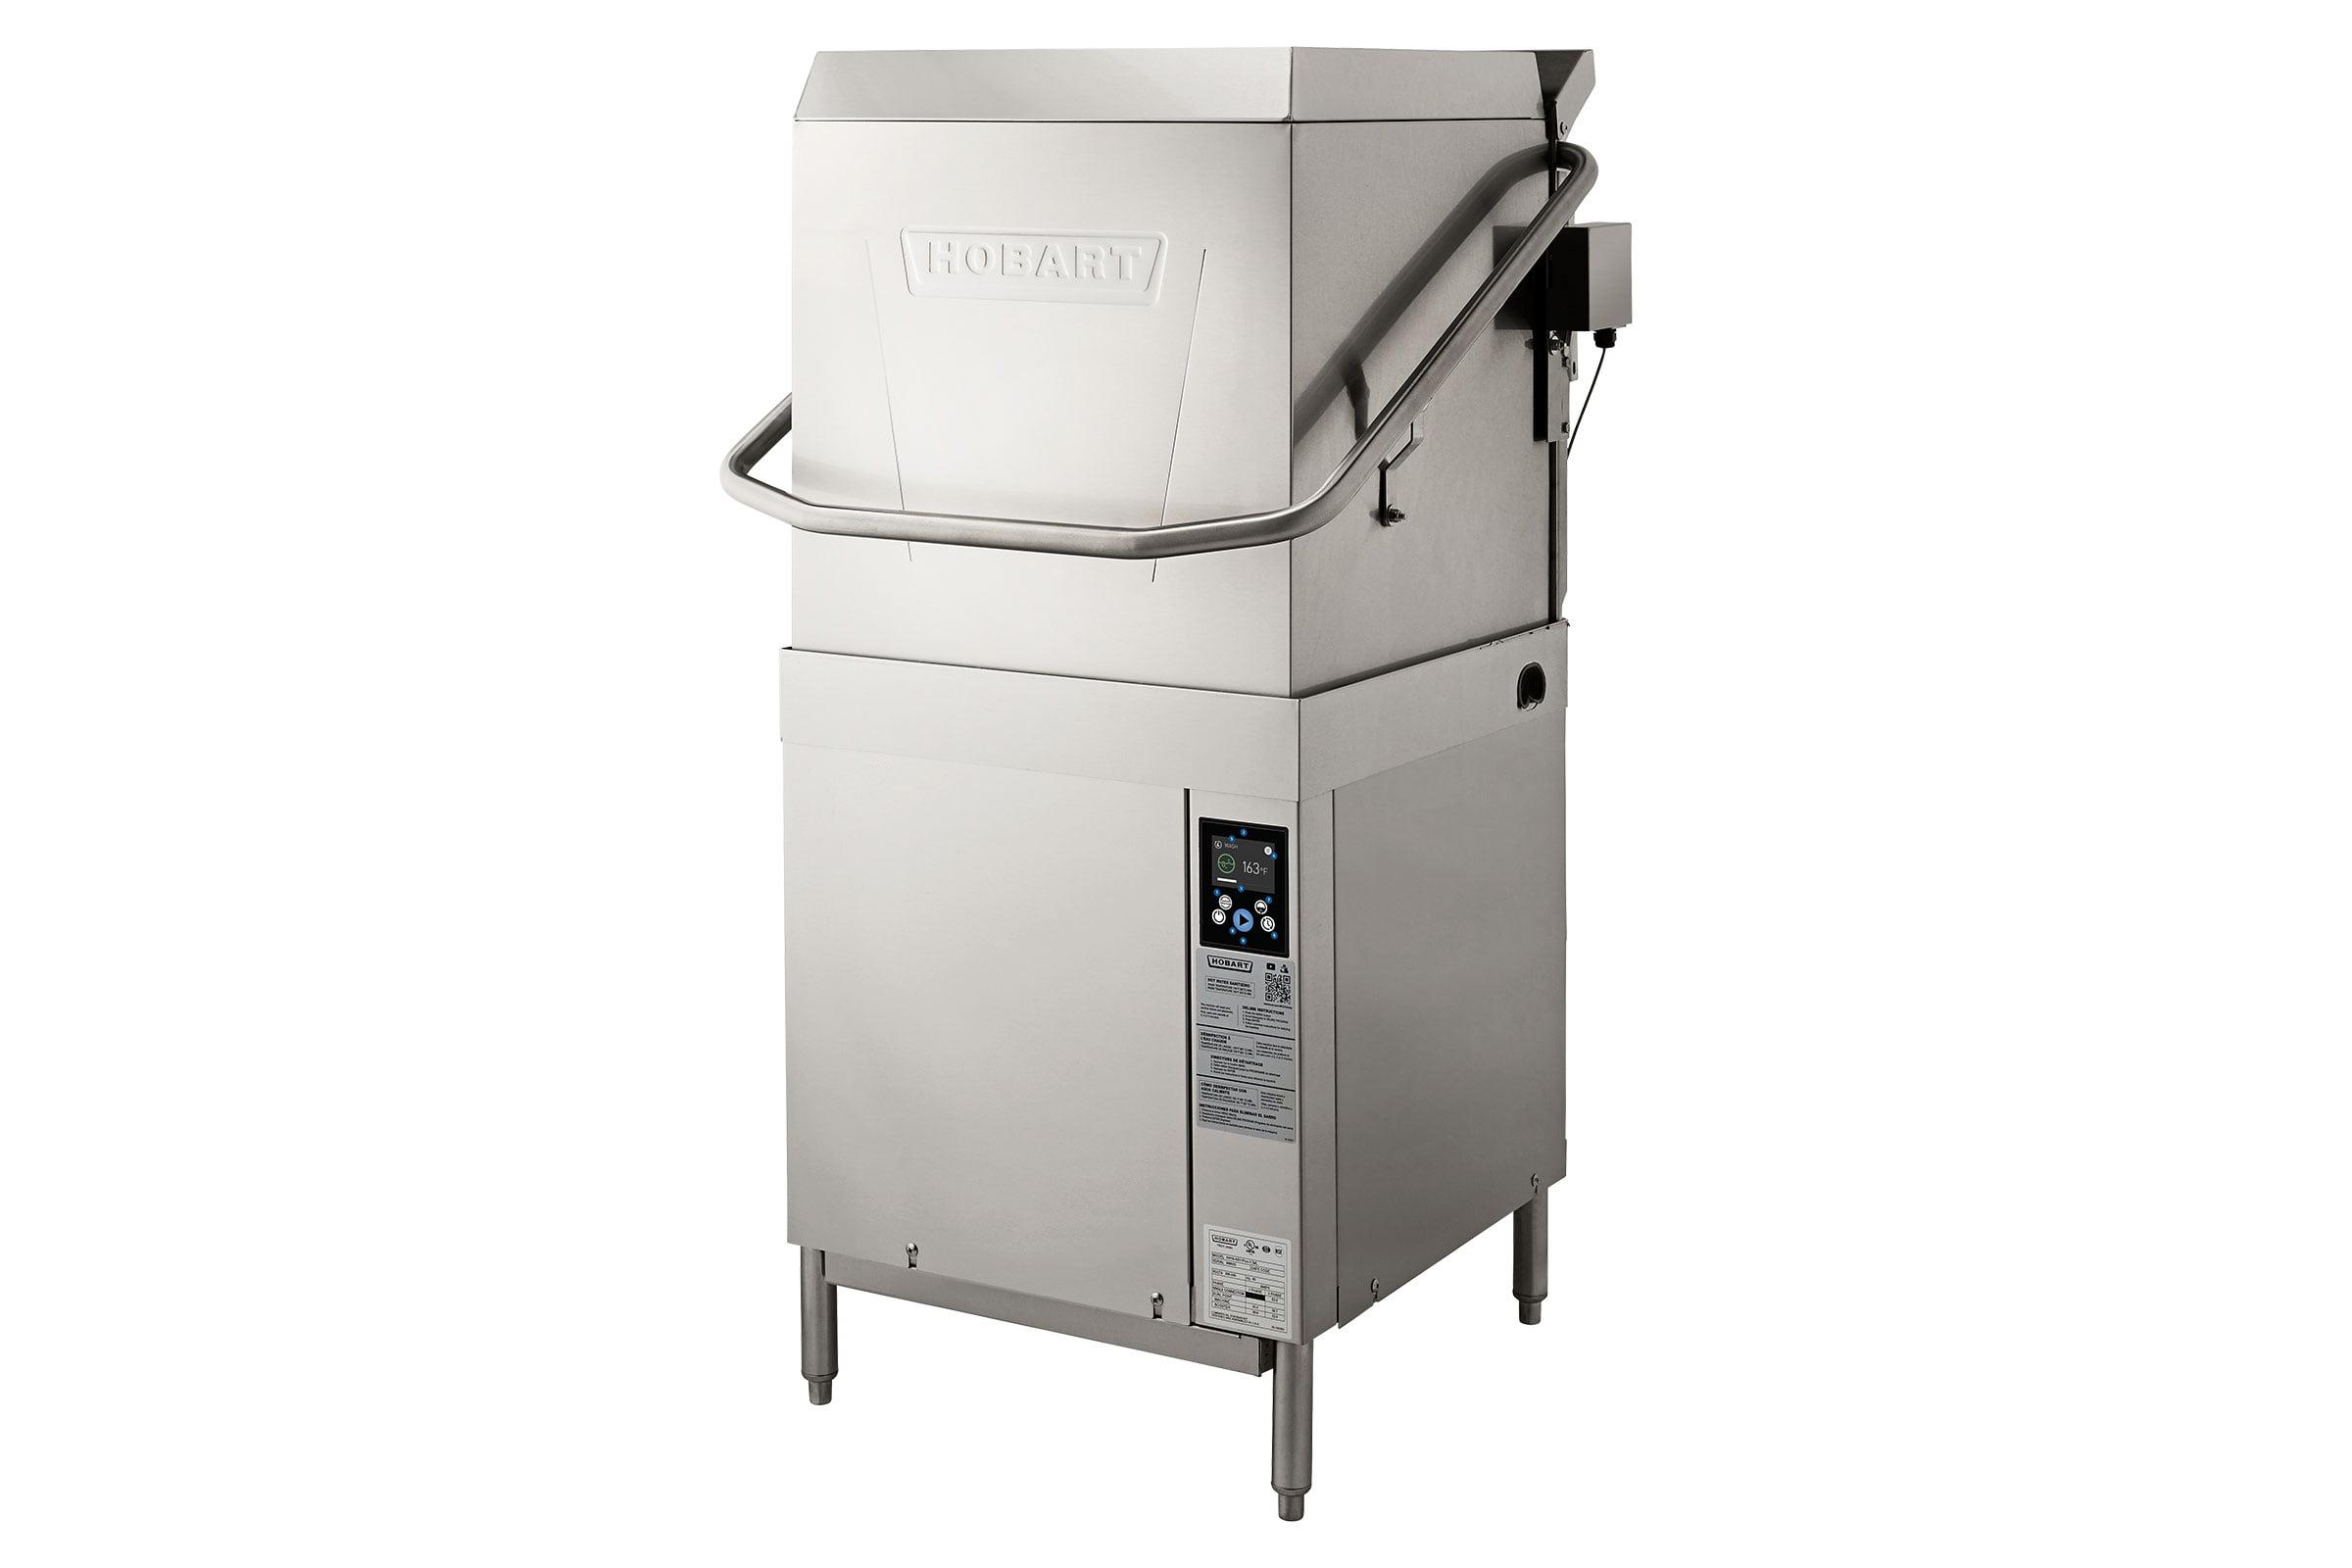 AM16 Dishwasher